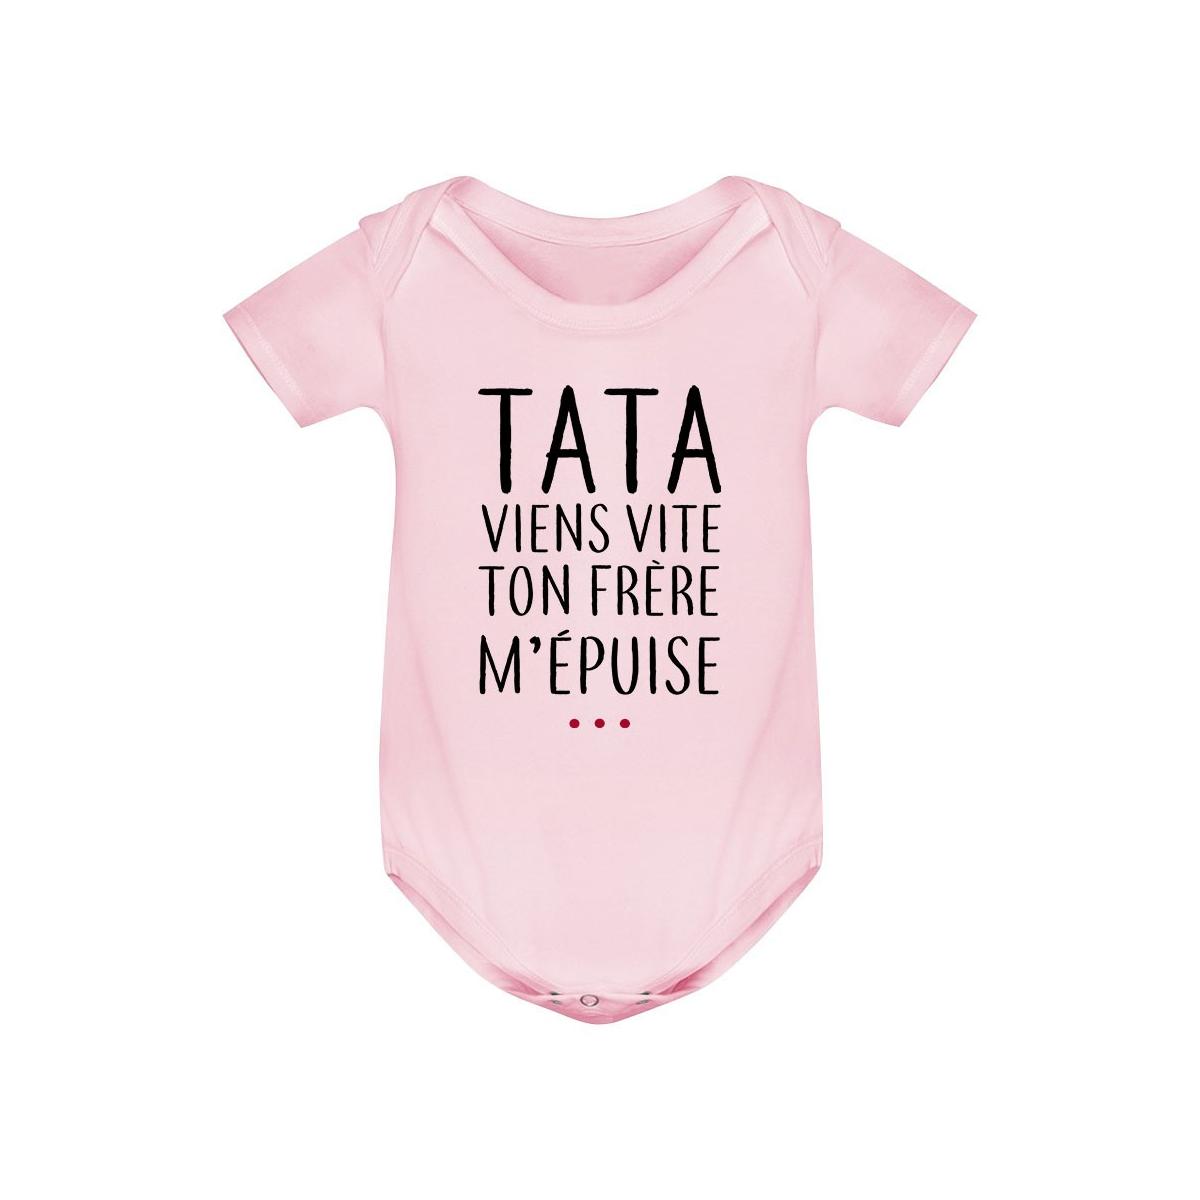 Body bébé Tata viens vite ton frère m'épuise